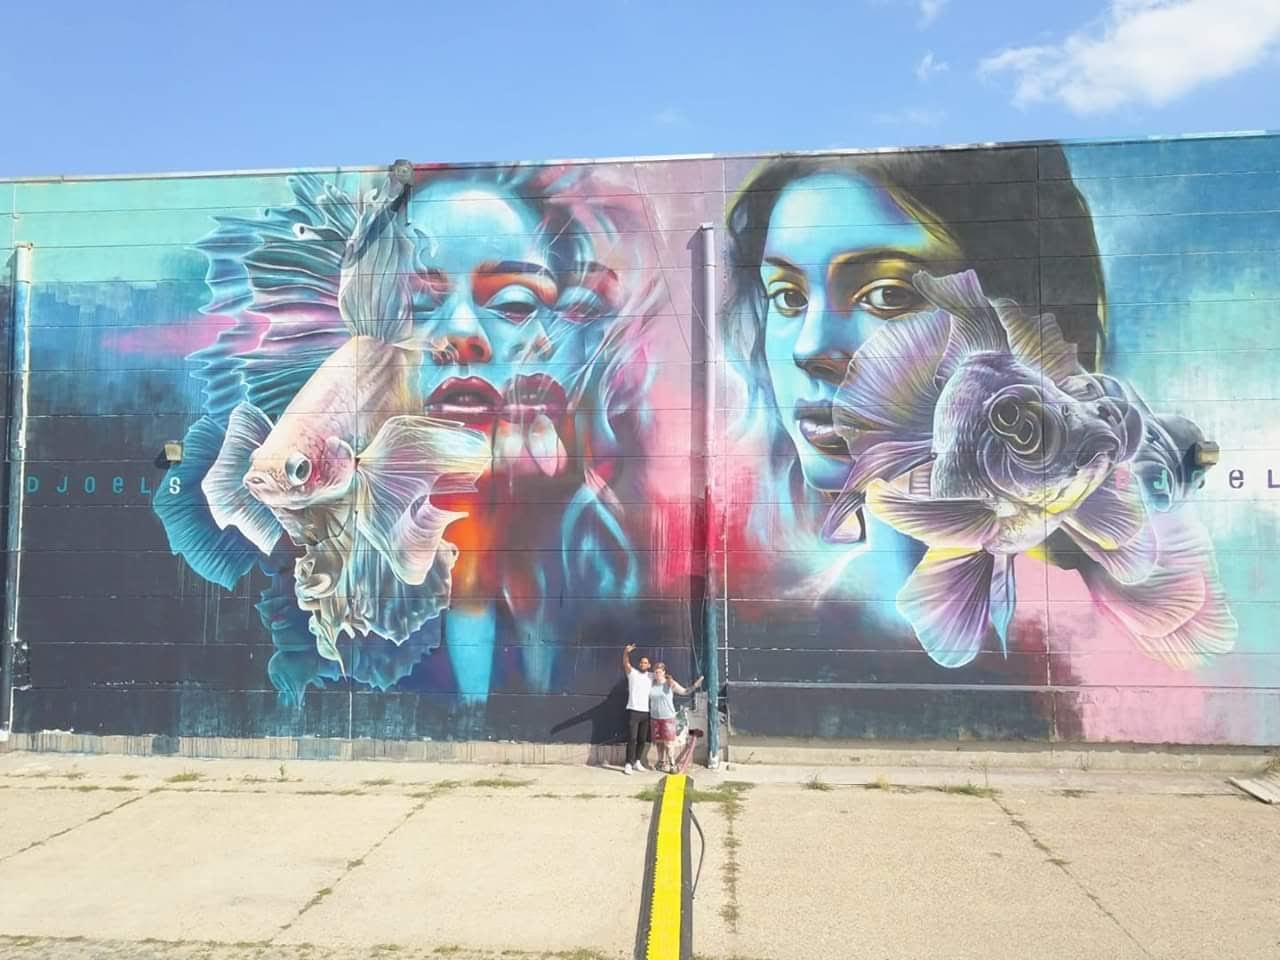 Antwerp - Street Art Djoels Basje